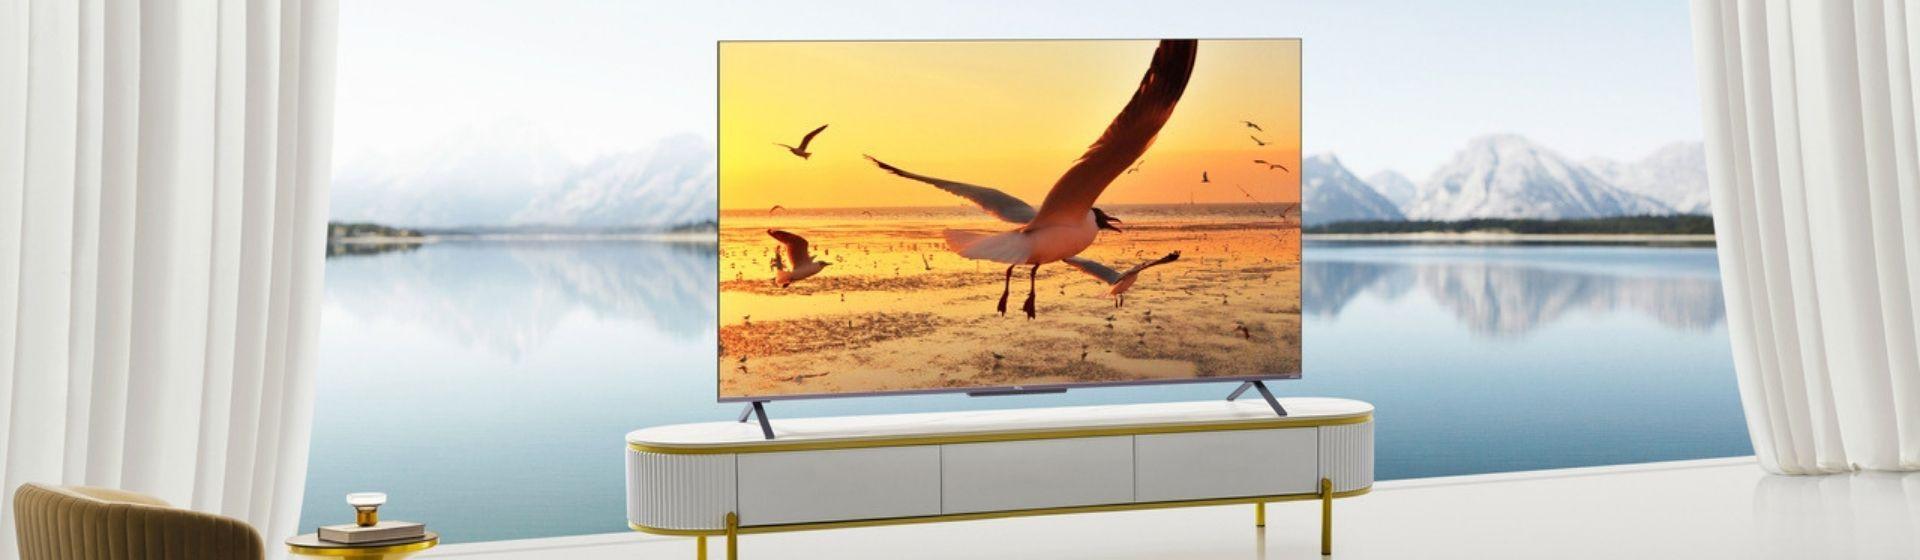 Conheça as TVs TCL P725, C725 e C825 e veja os preços dos lançamentos